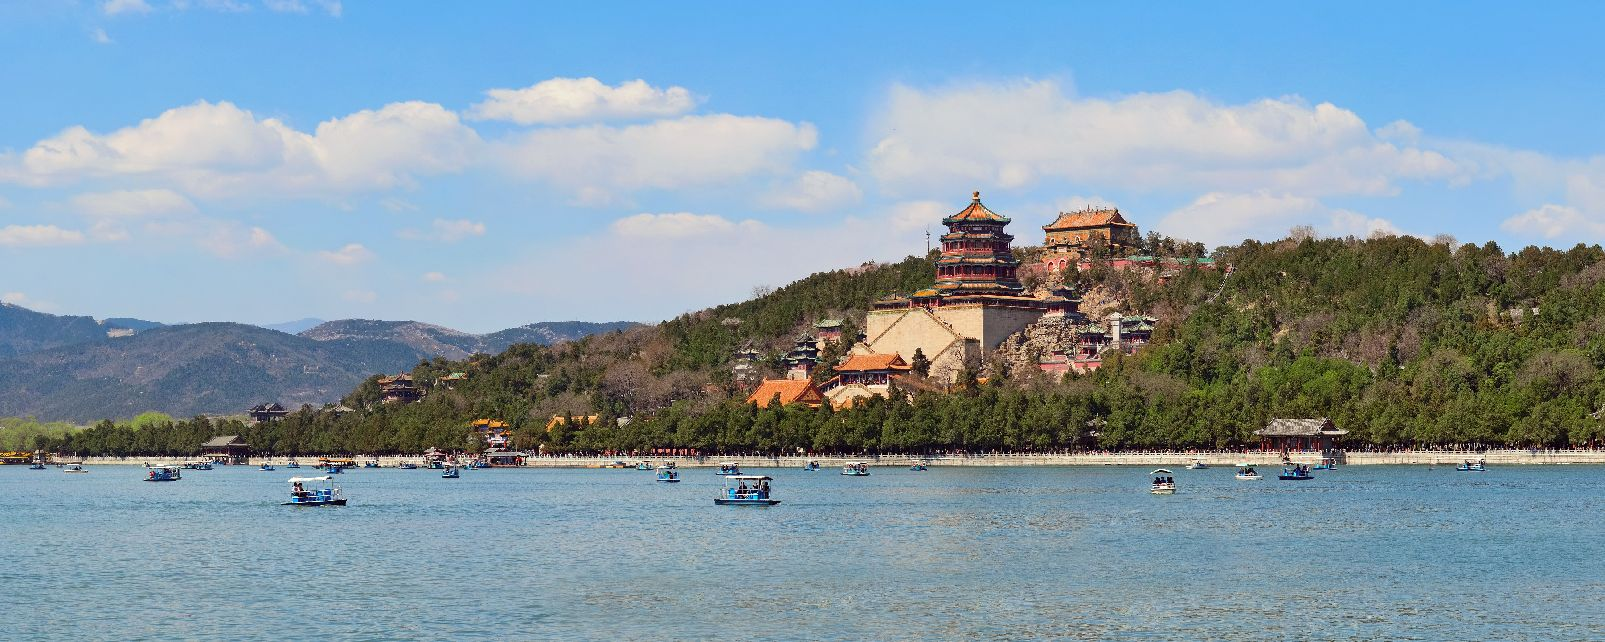 Le Palais d'Eté , Chine